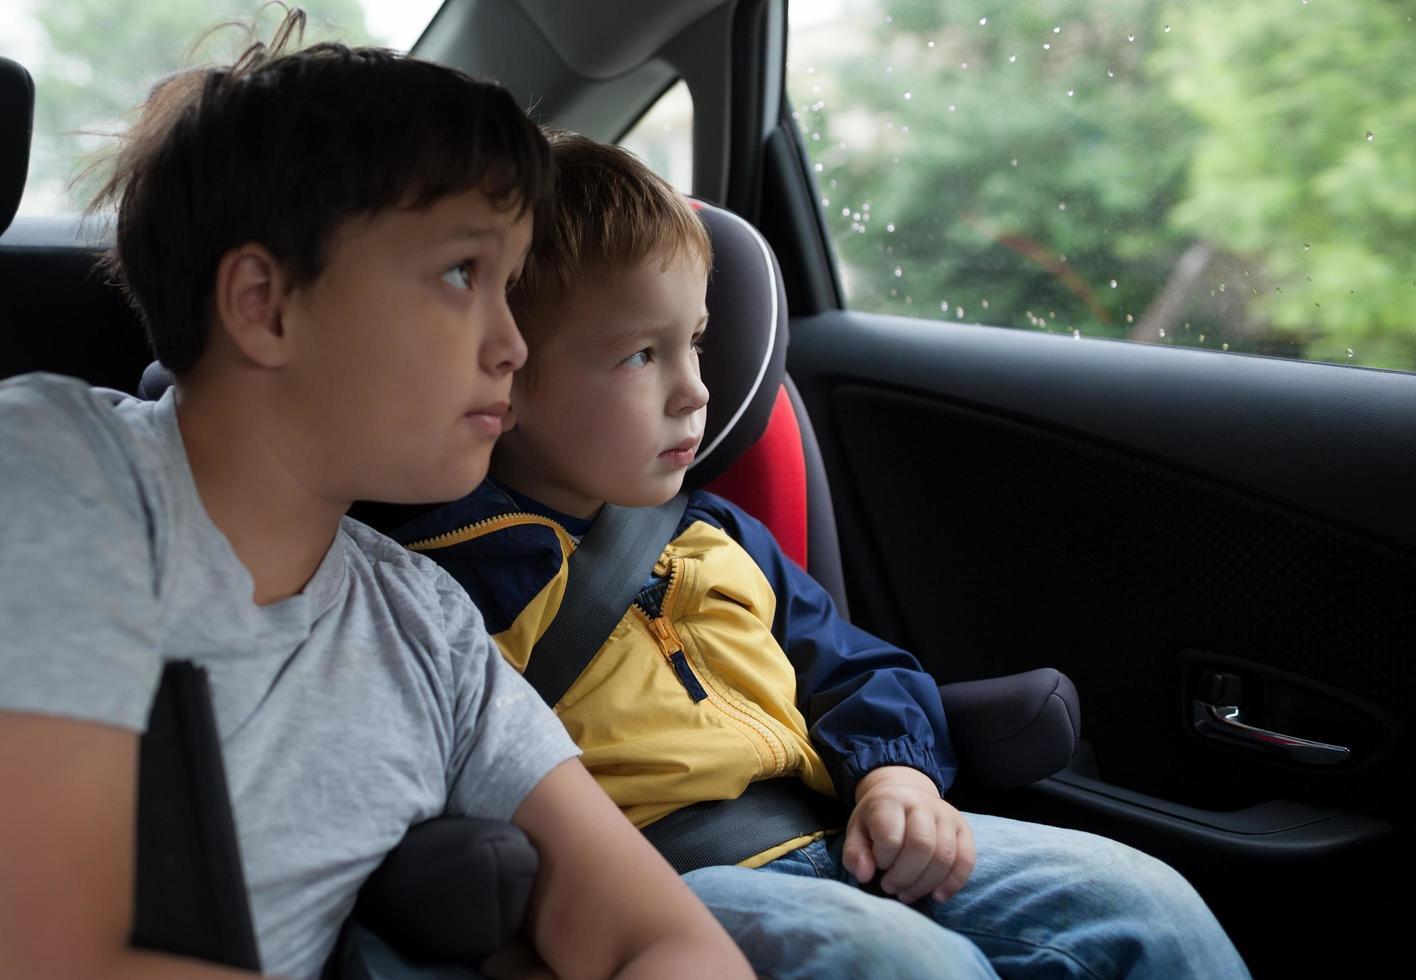 garçons regardant par la fenêtre d'une voiture photo